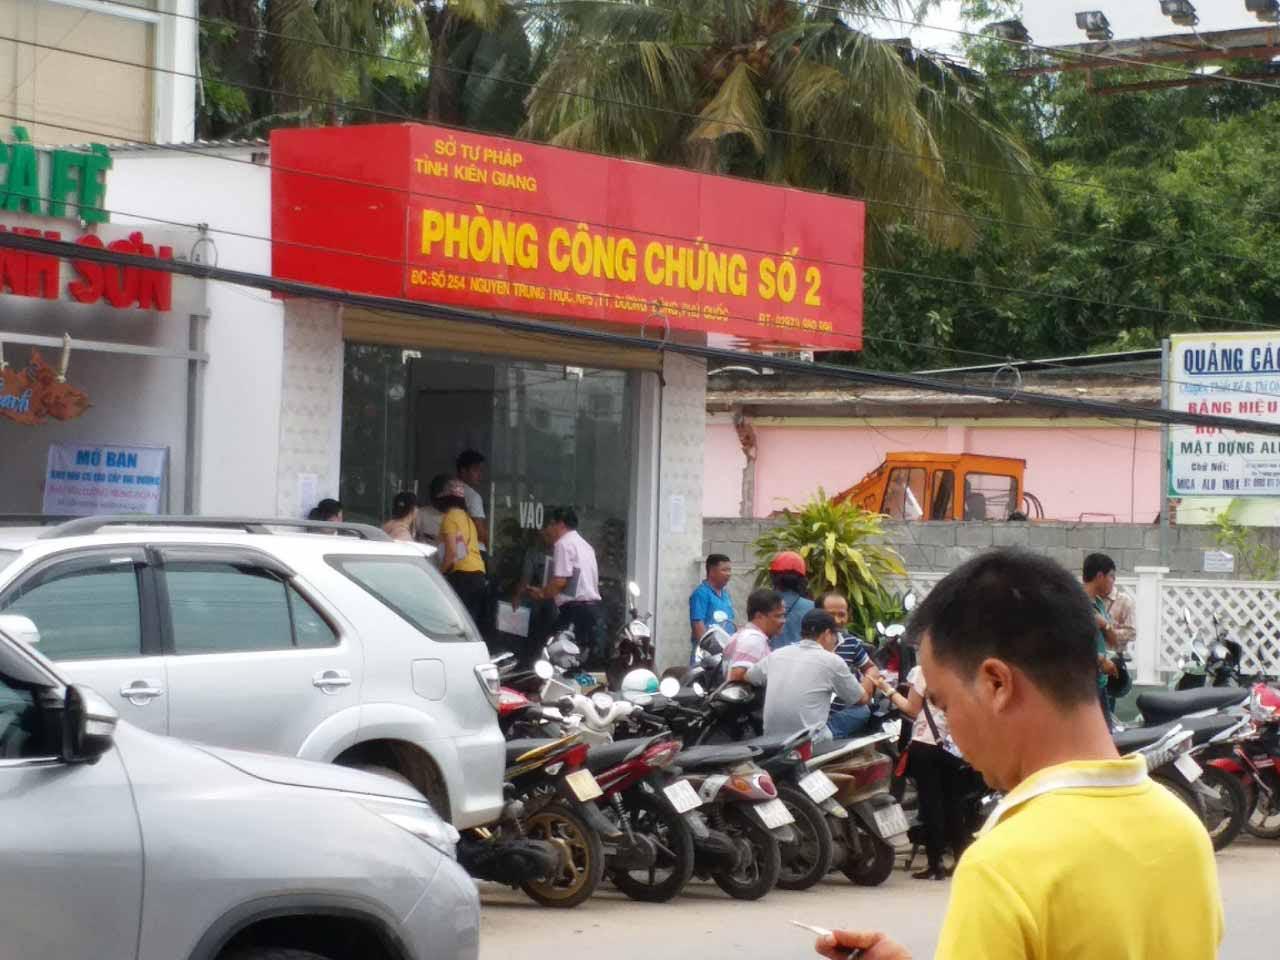 Hình ảnh phòng công chứng số 2 tỉnh Kiên Giang